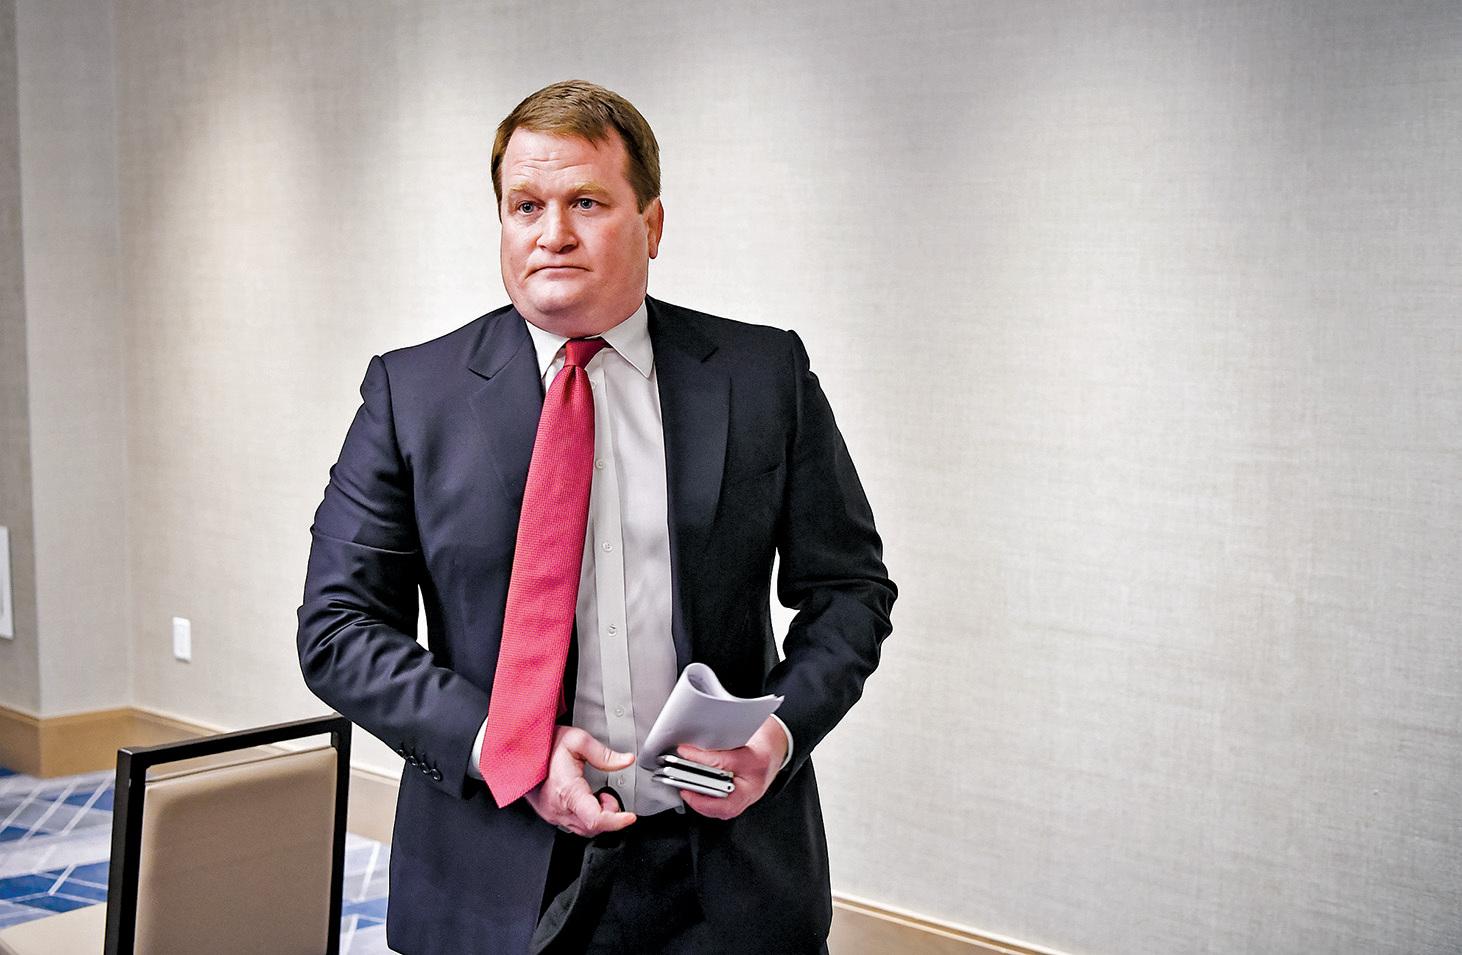 亨特拜登前商業夥伴托尼波布林斯基(Tony Bobulinski)10月22日召開新聞會,爆料拜登家族海外交易醜聞。(MANDEL NGAN / AFP)